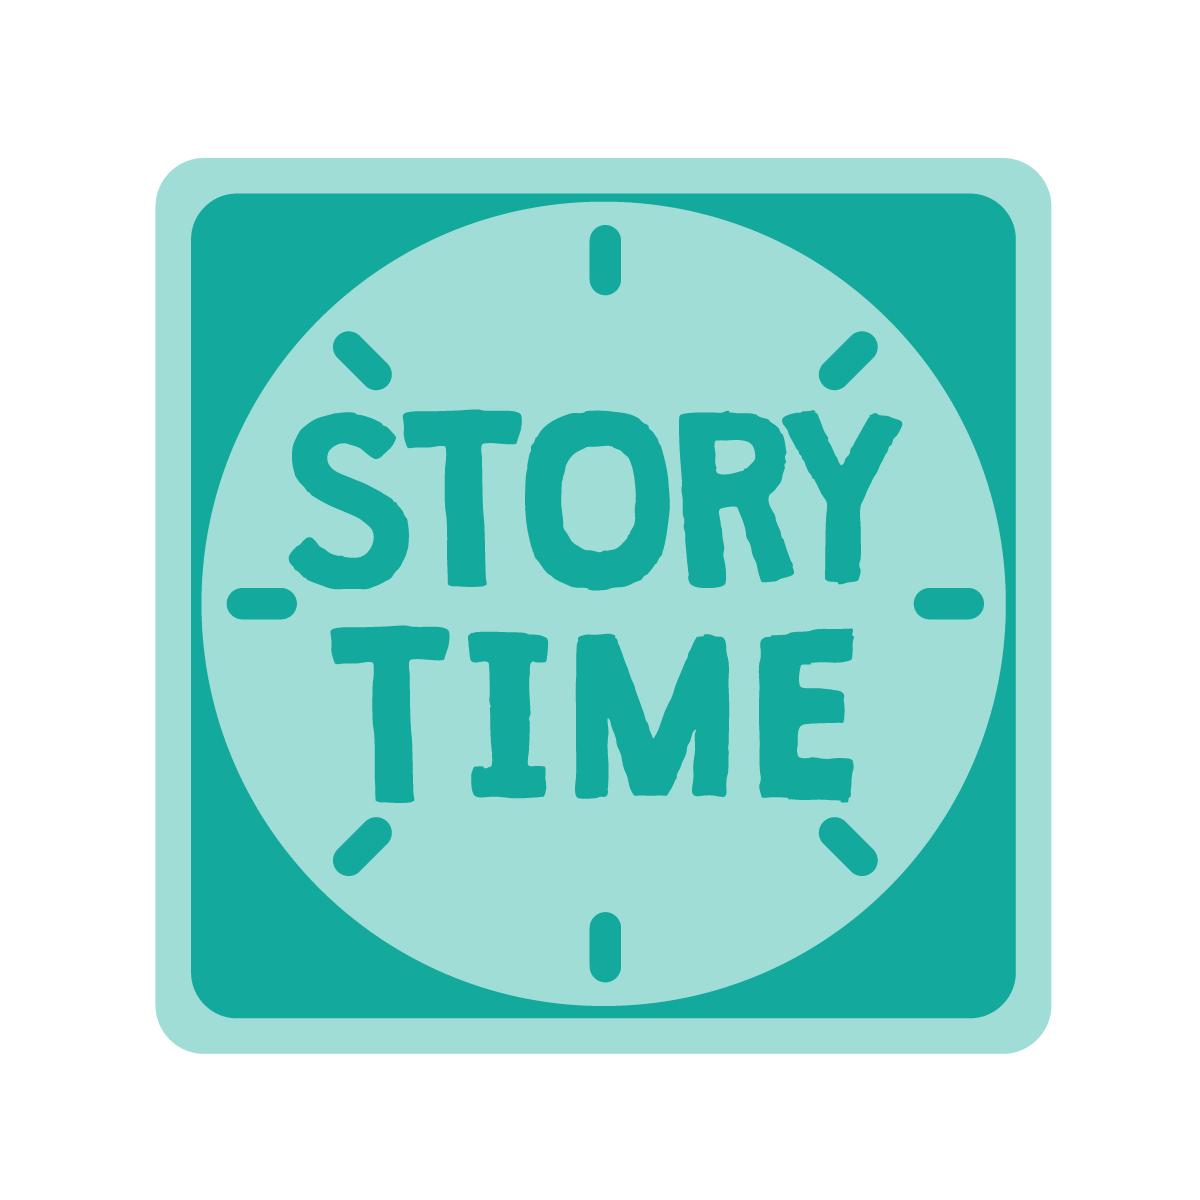 Storytime clipart story character. Kidzu children s museum